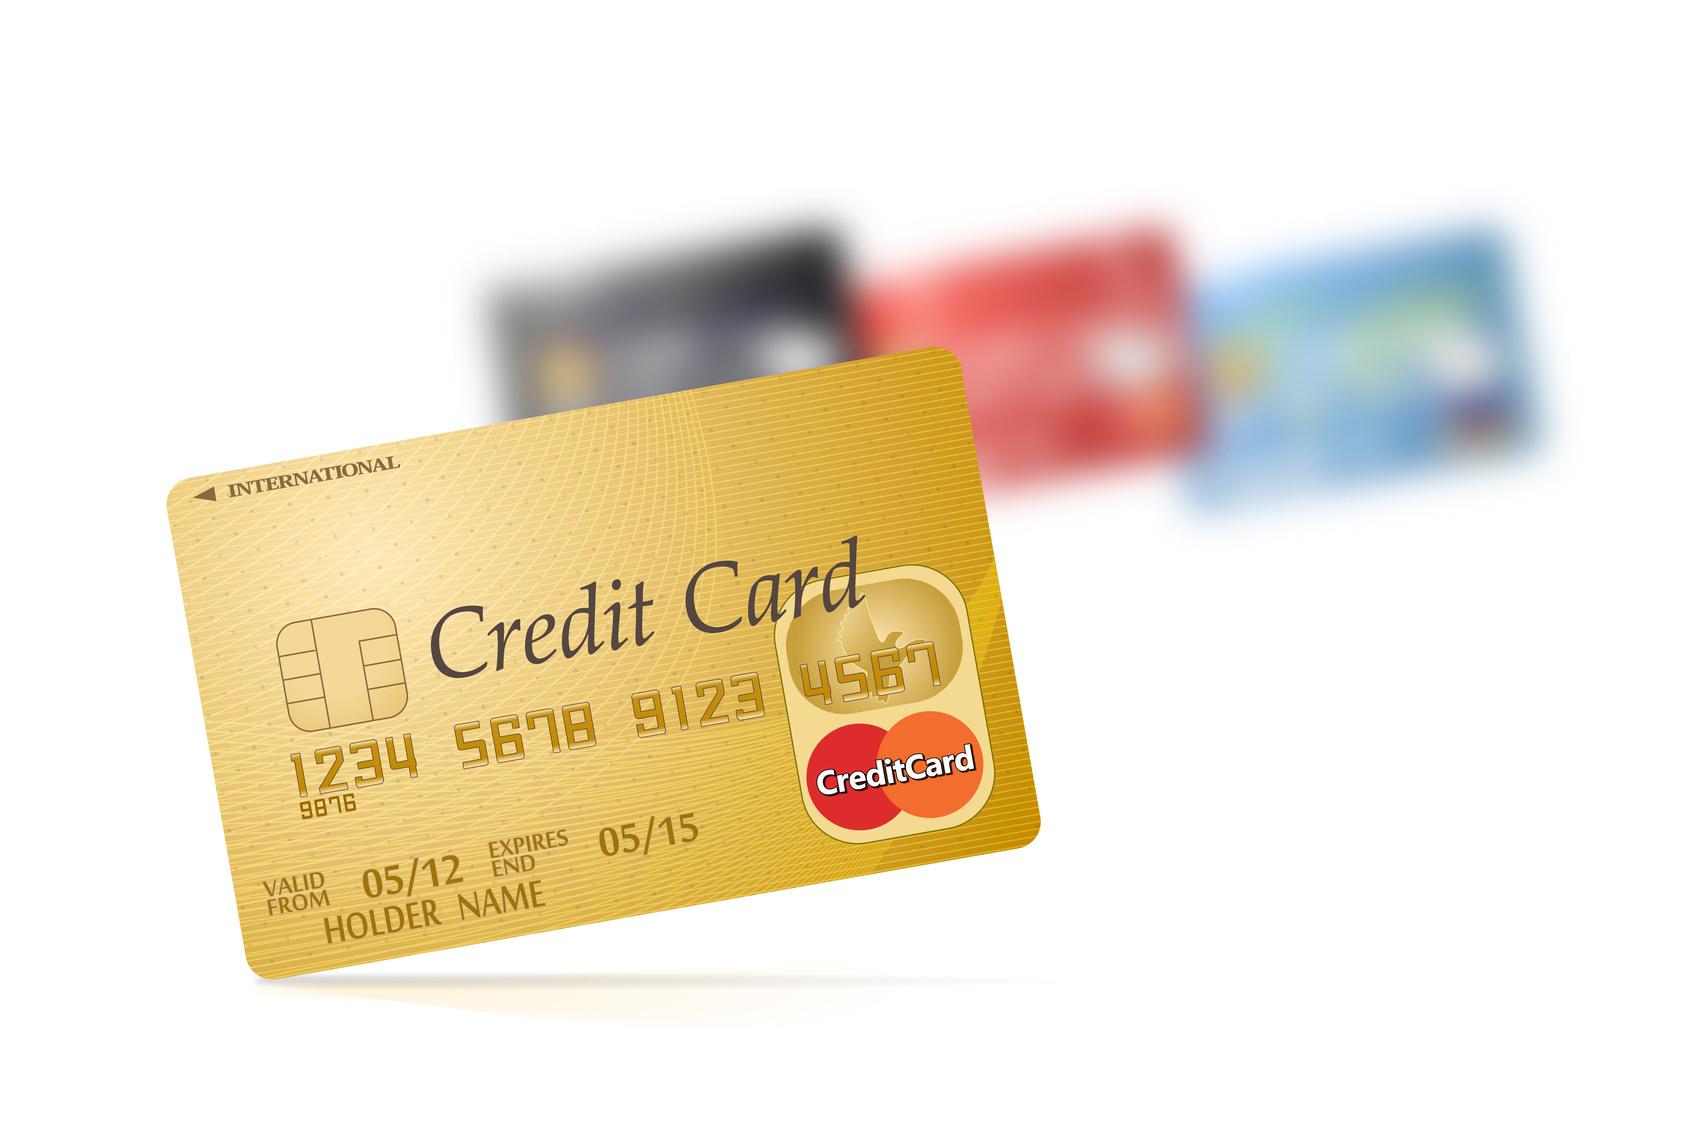 知らない人は損?クレジットカードよりカードローンがお得な理由